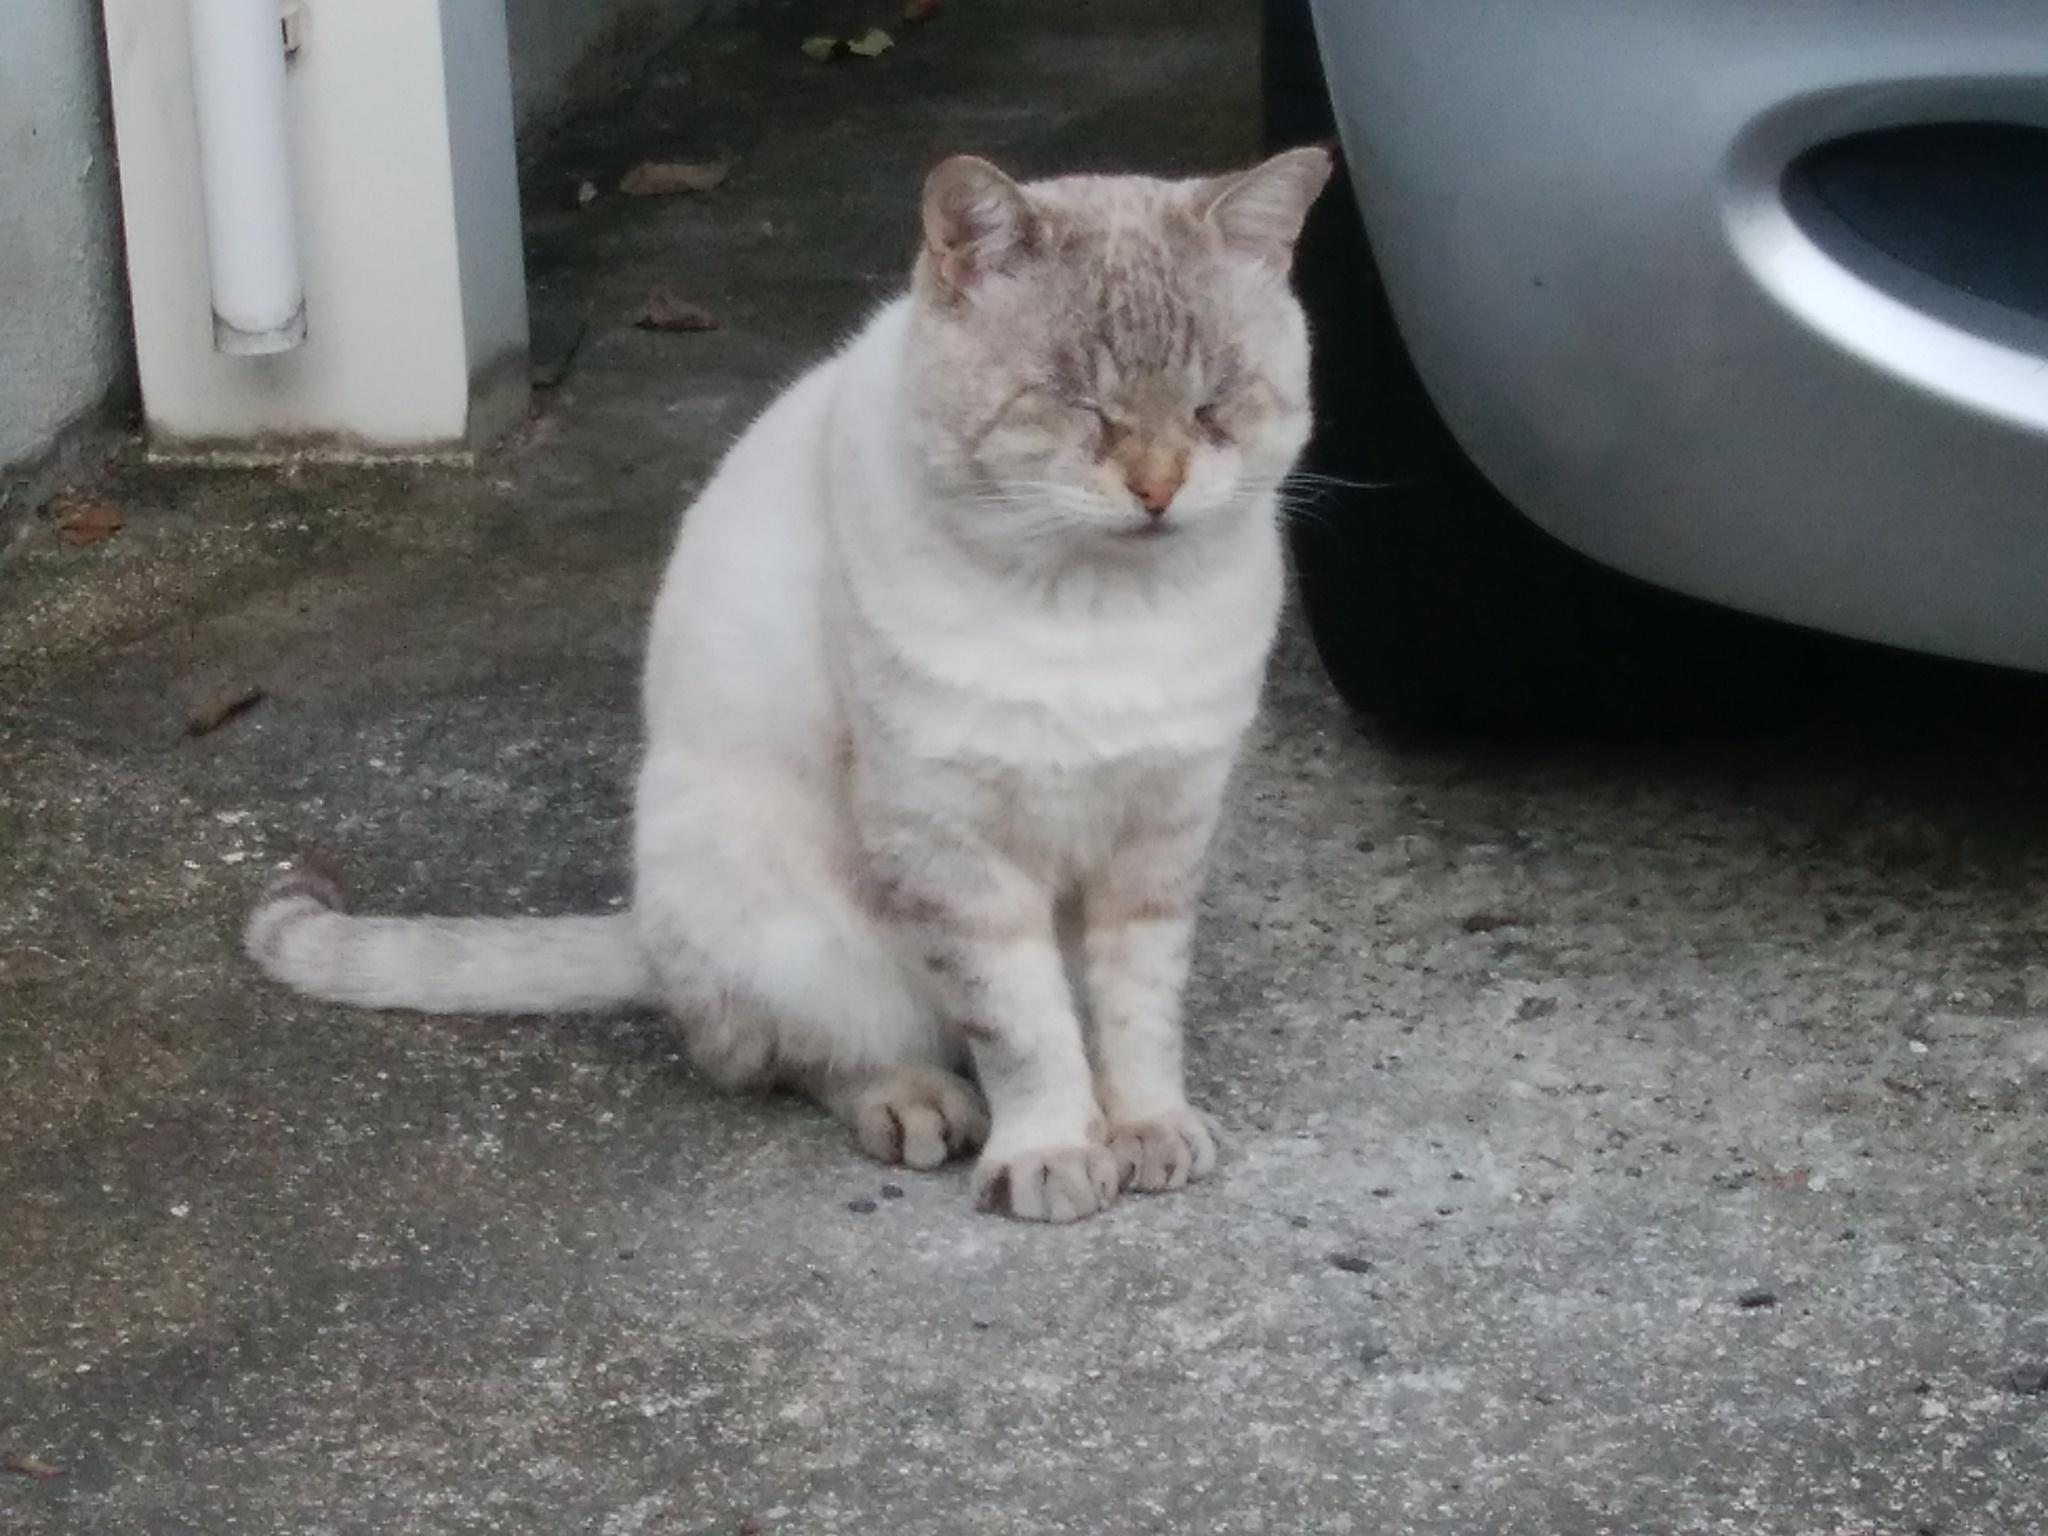 大阪でうたた寝している猫ちゃんを発見